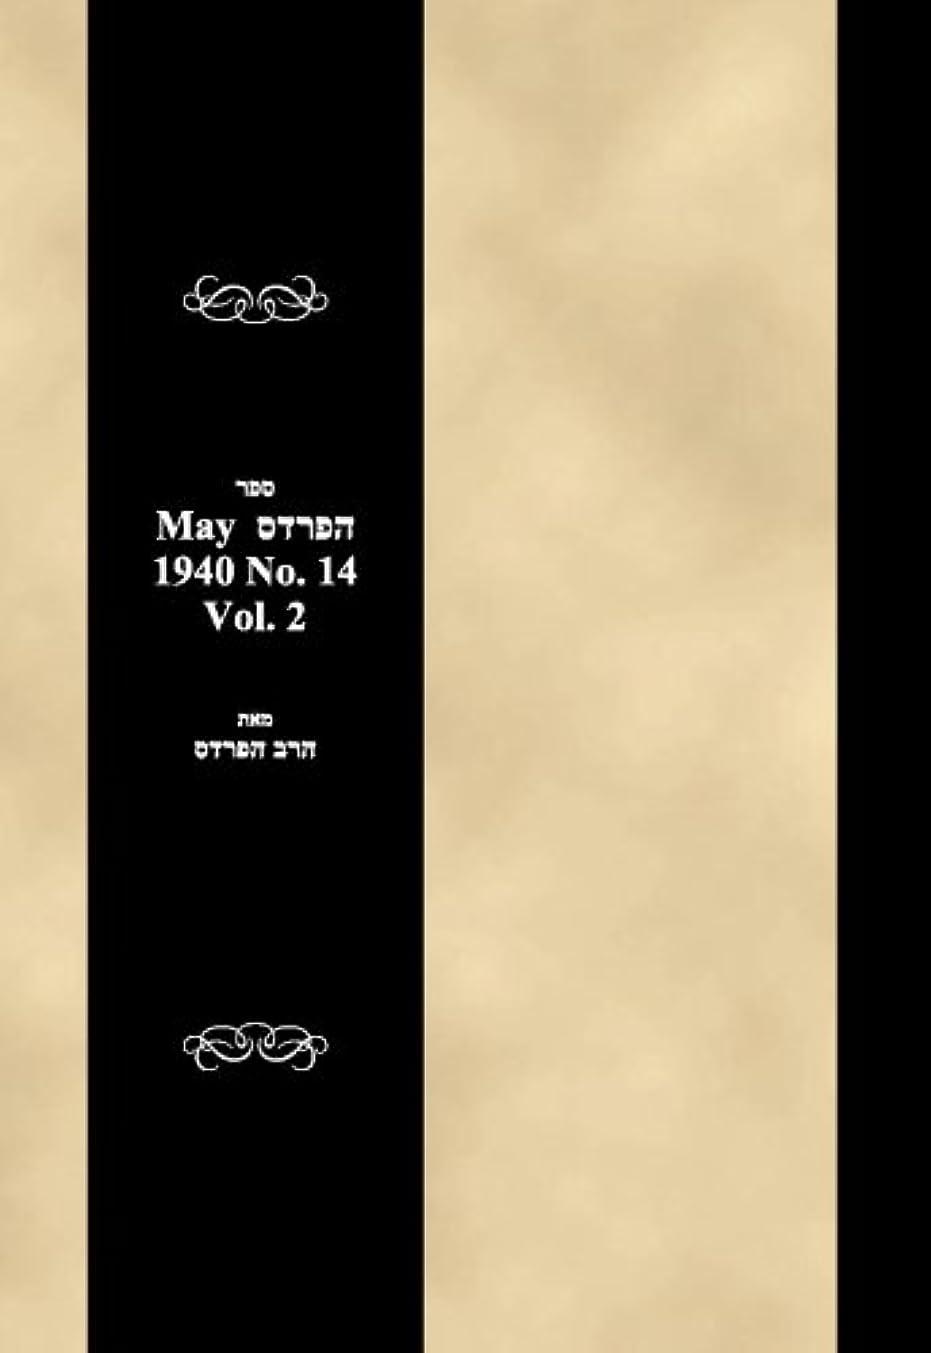 商品木曜日癌Sefer haPardes May 1940 No. 14 Vol. 2